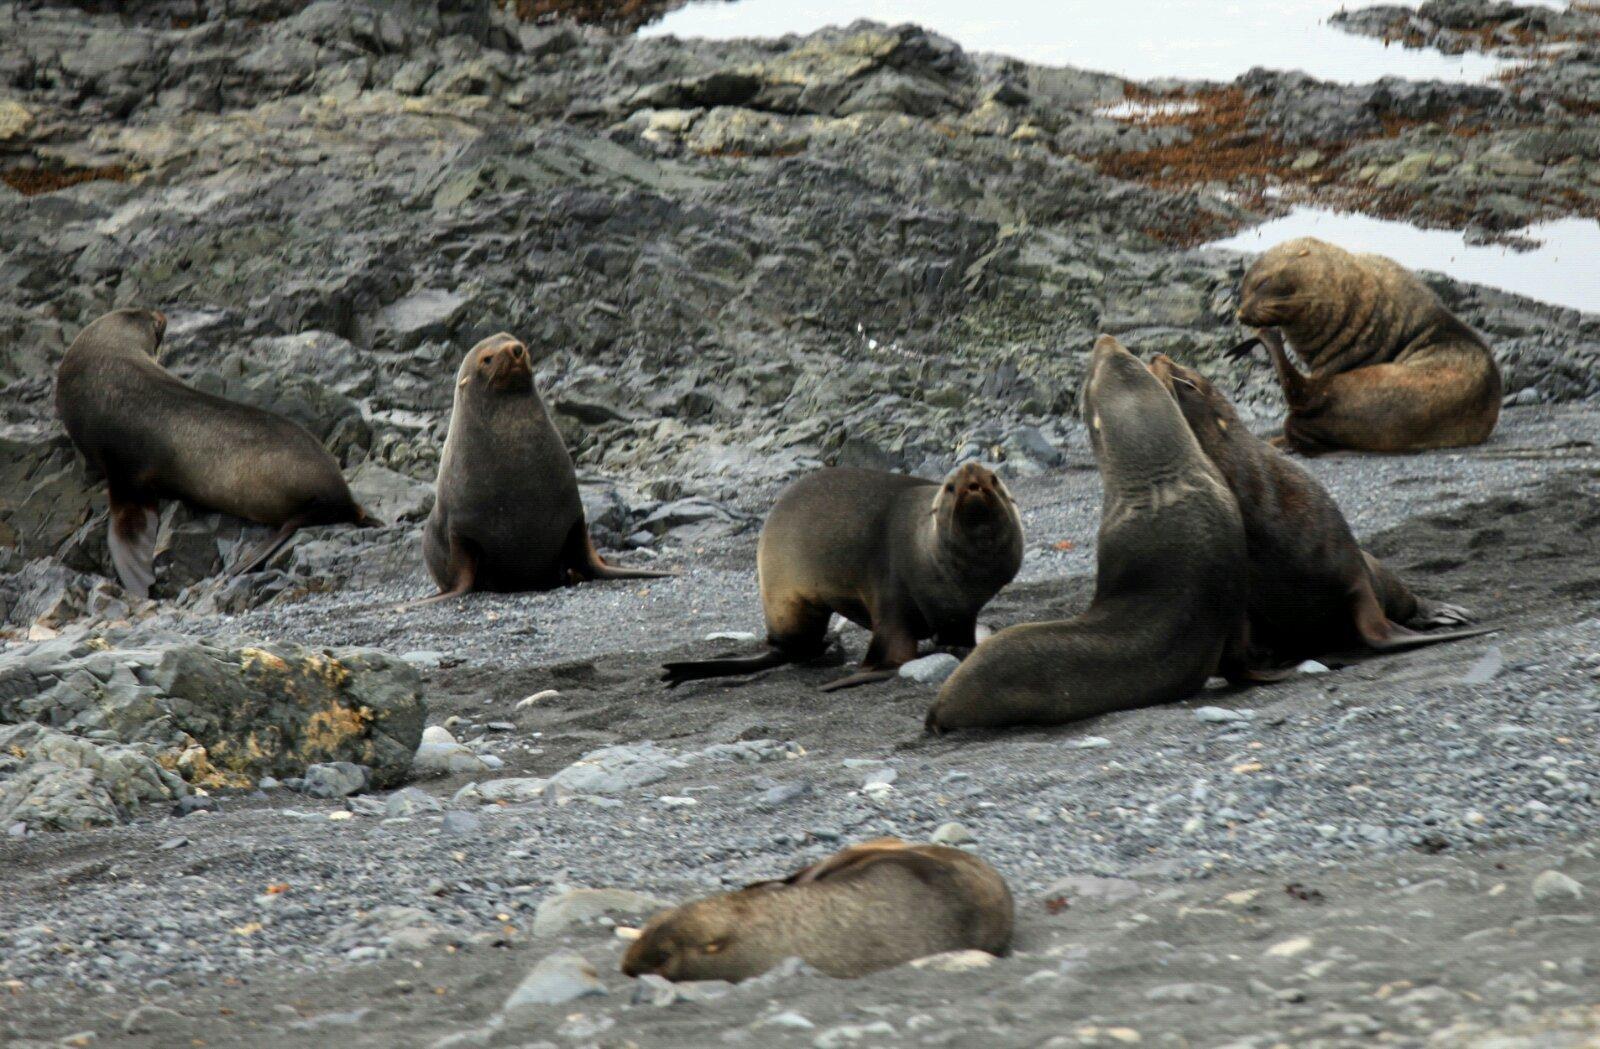 半月岛上的海狗成片躺在沙滩边上群殴,同时还发出各种口哨声引人围观